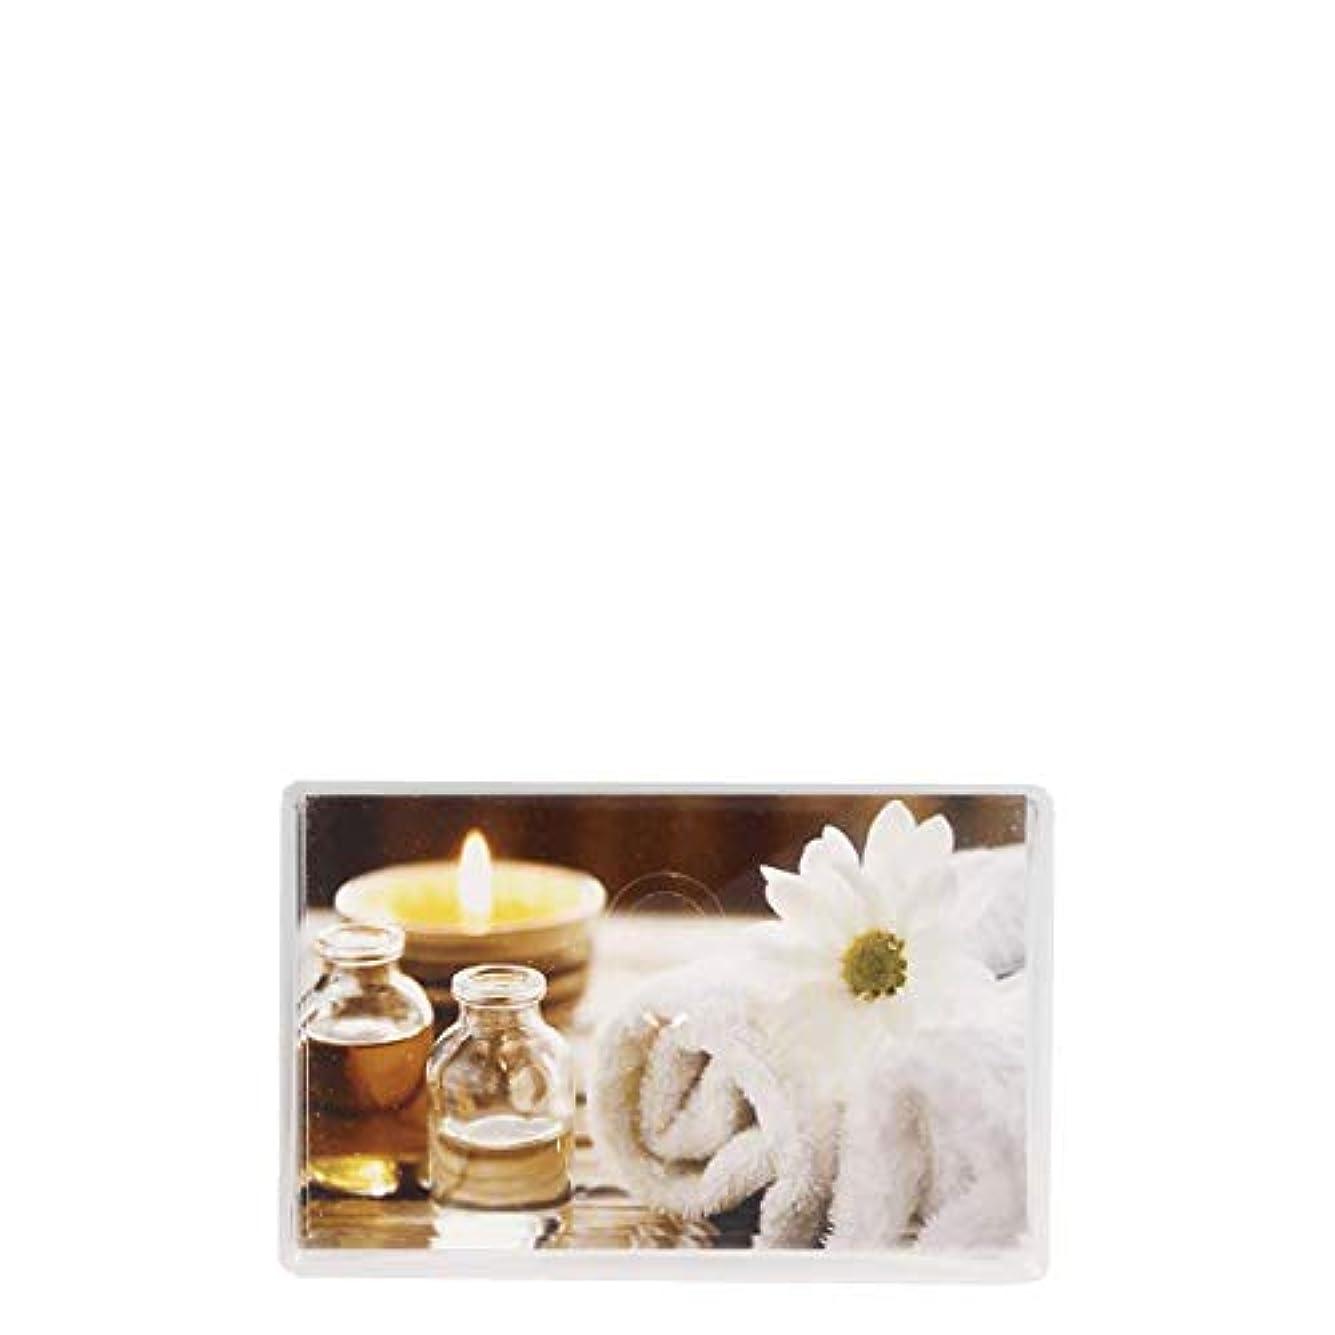 ハッピーカリキュラム有限アポイントメントカード Appointment cards- AP5B BEAUTY DAISY CARDS x100[海外直送品] [並行輸入品]